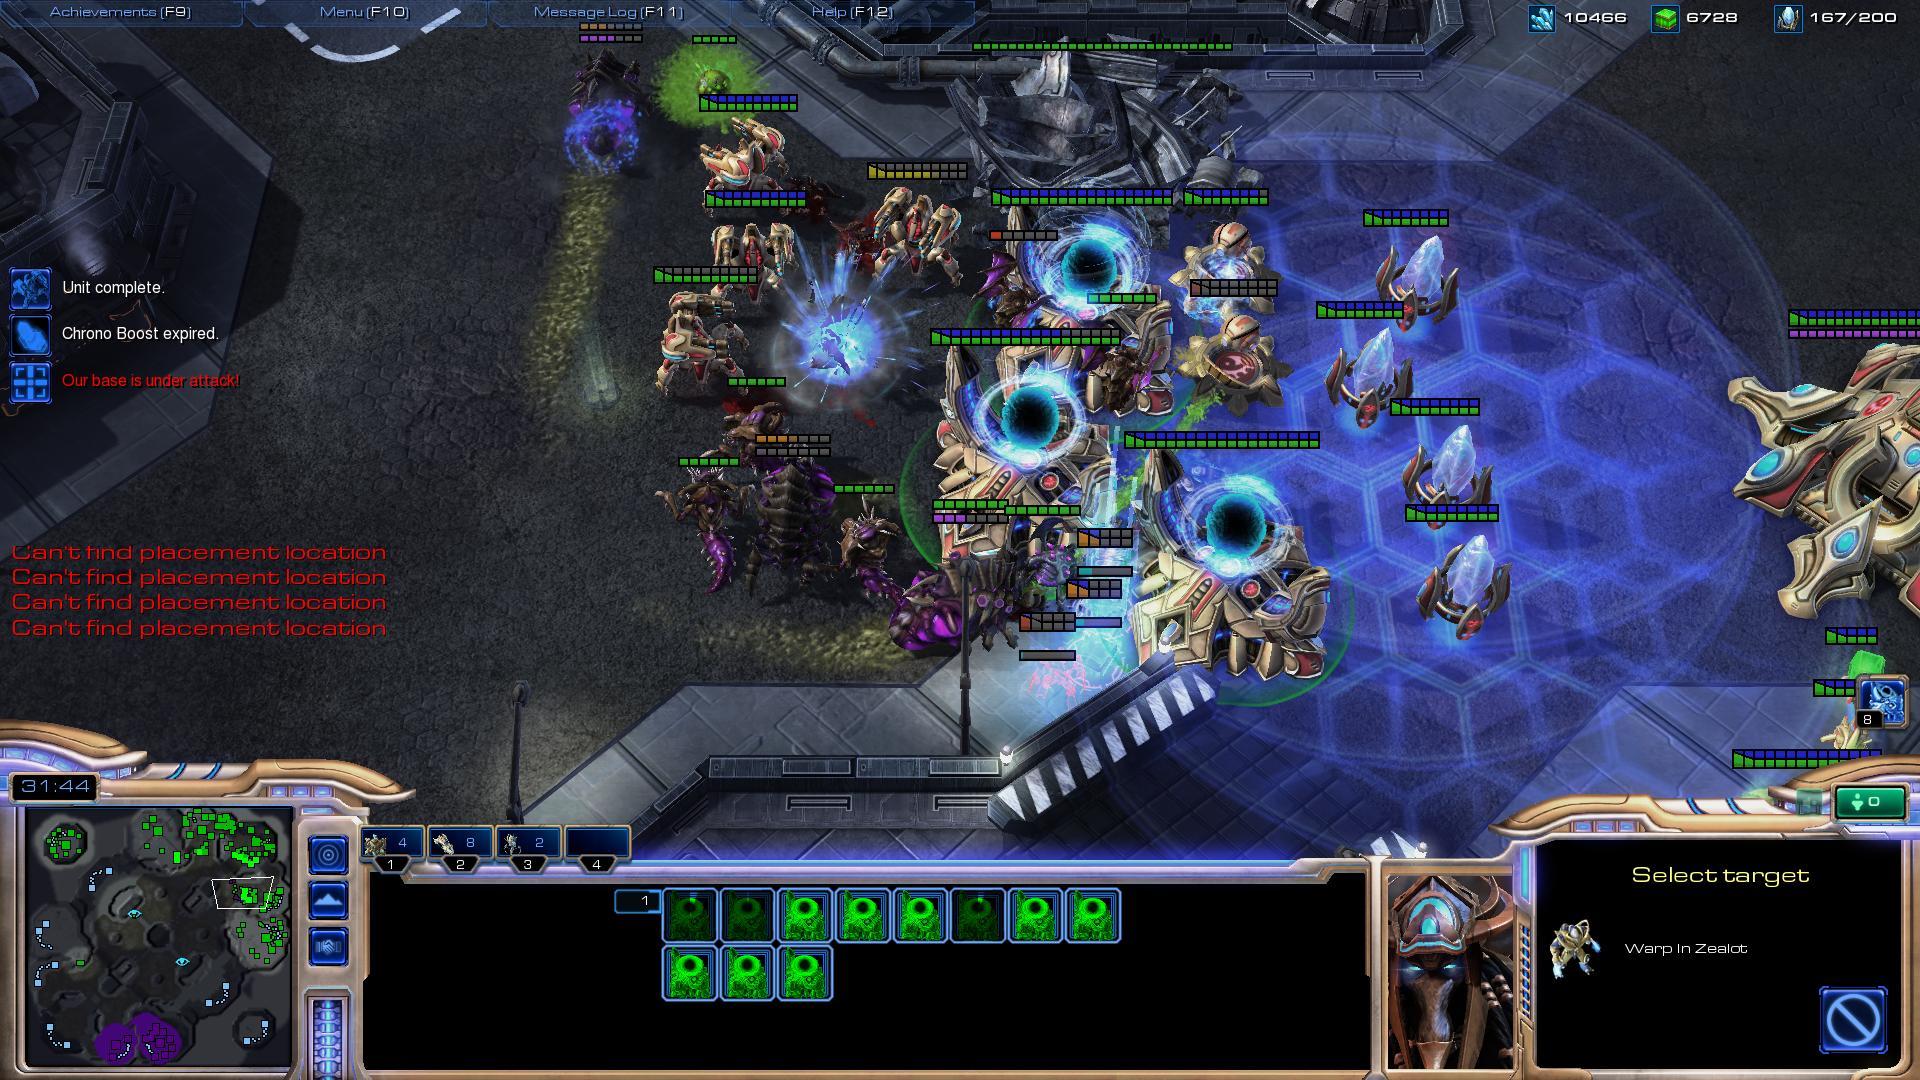 sc2 gameplay sc2 screenshot - Gamingcfg com